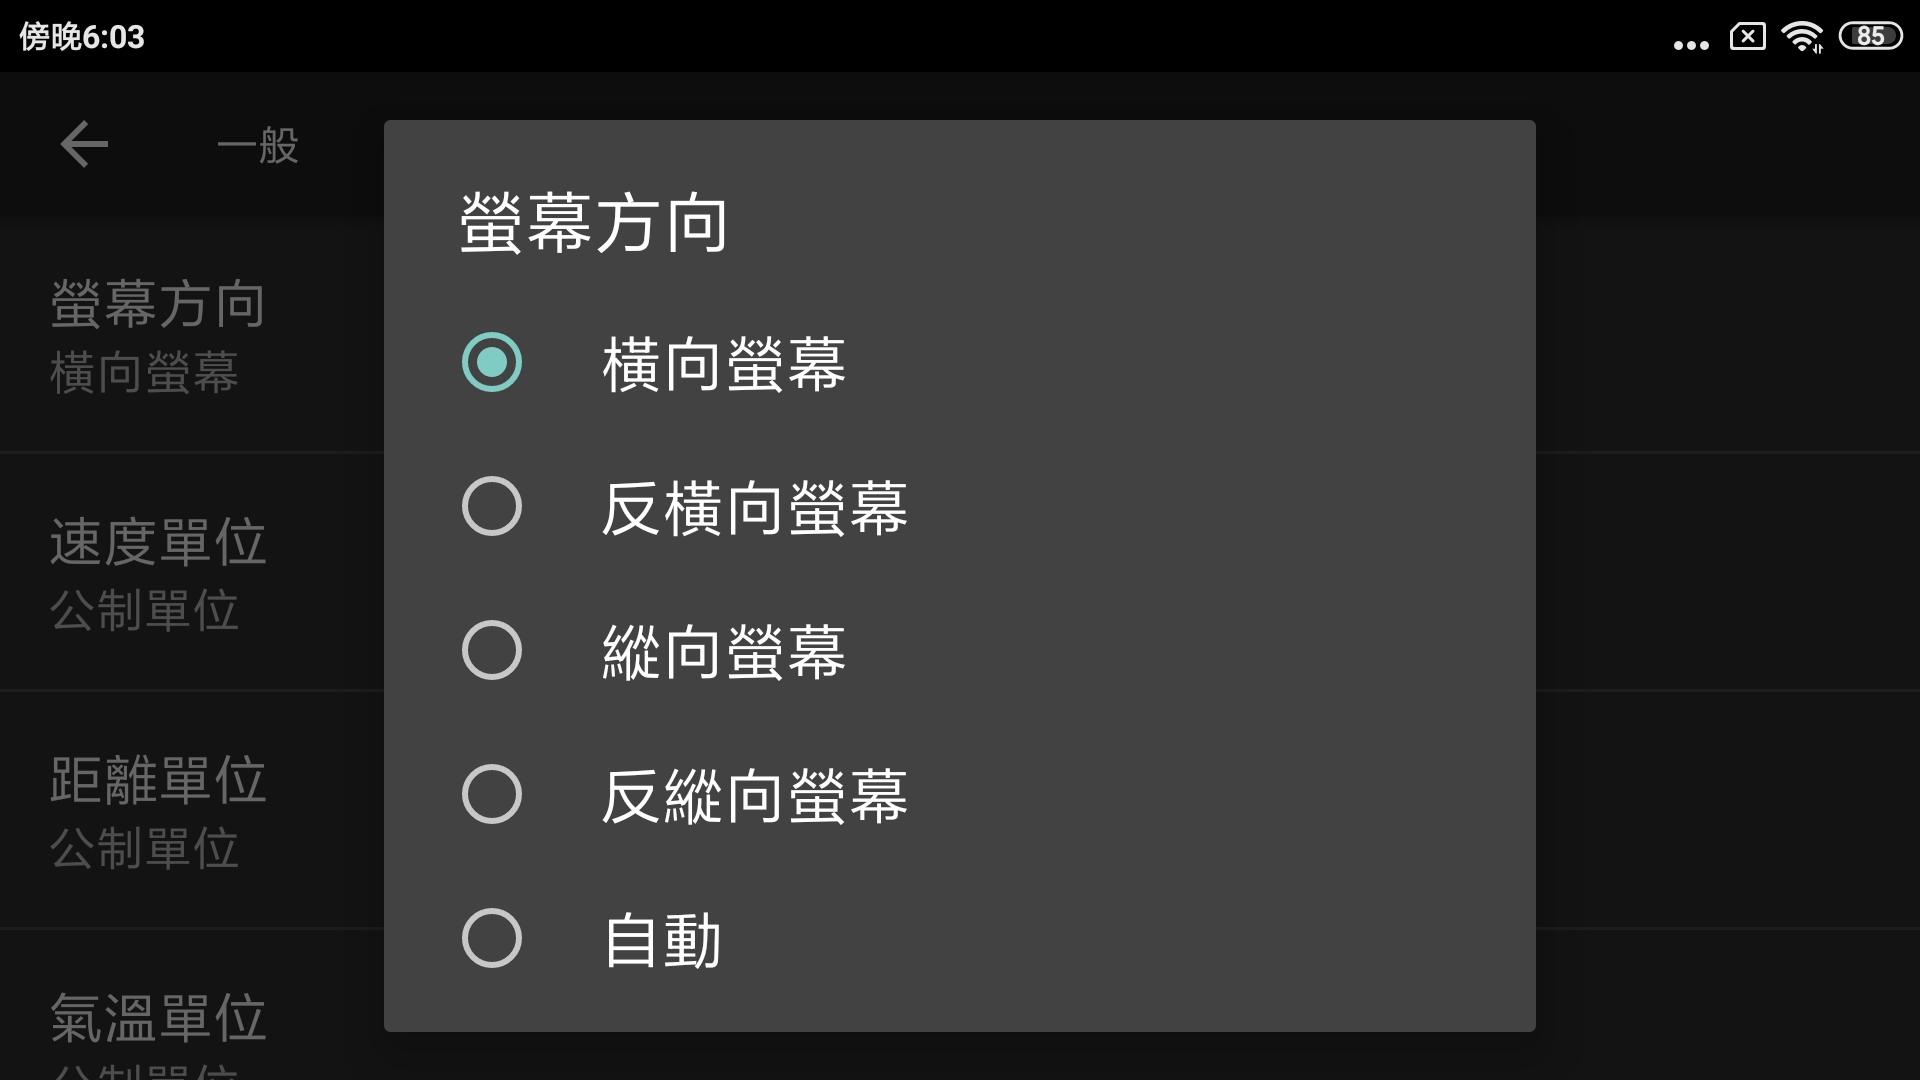 Screenshot_2020-09-21-18-03-08-855_idv.xunqun.navier.jpg